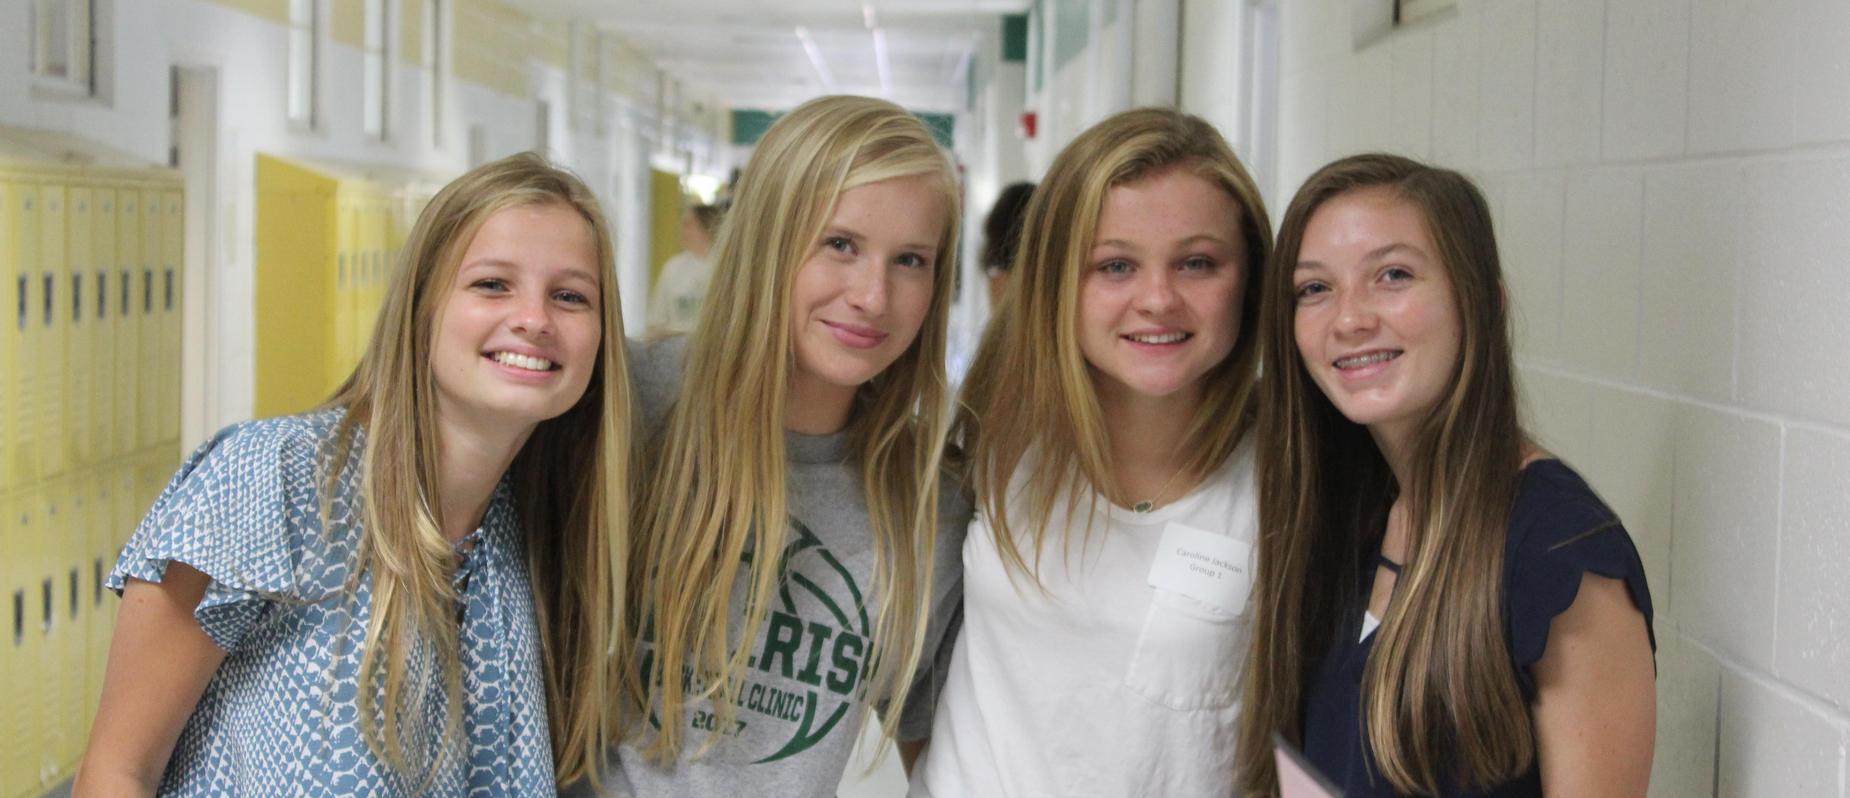 4 Girls at Orientation